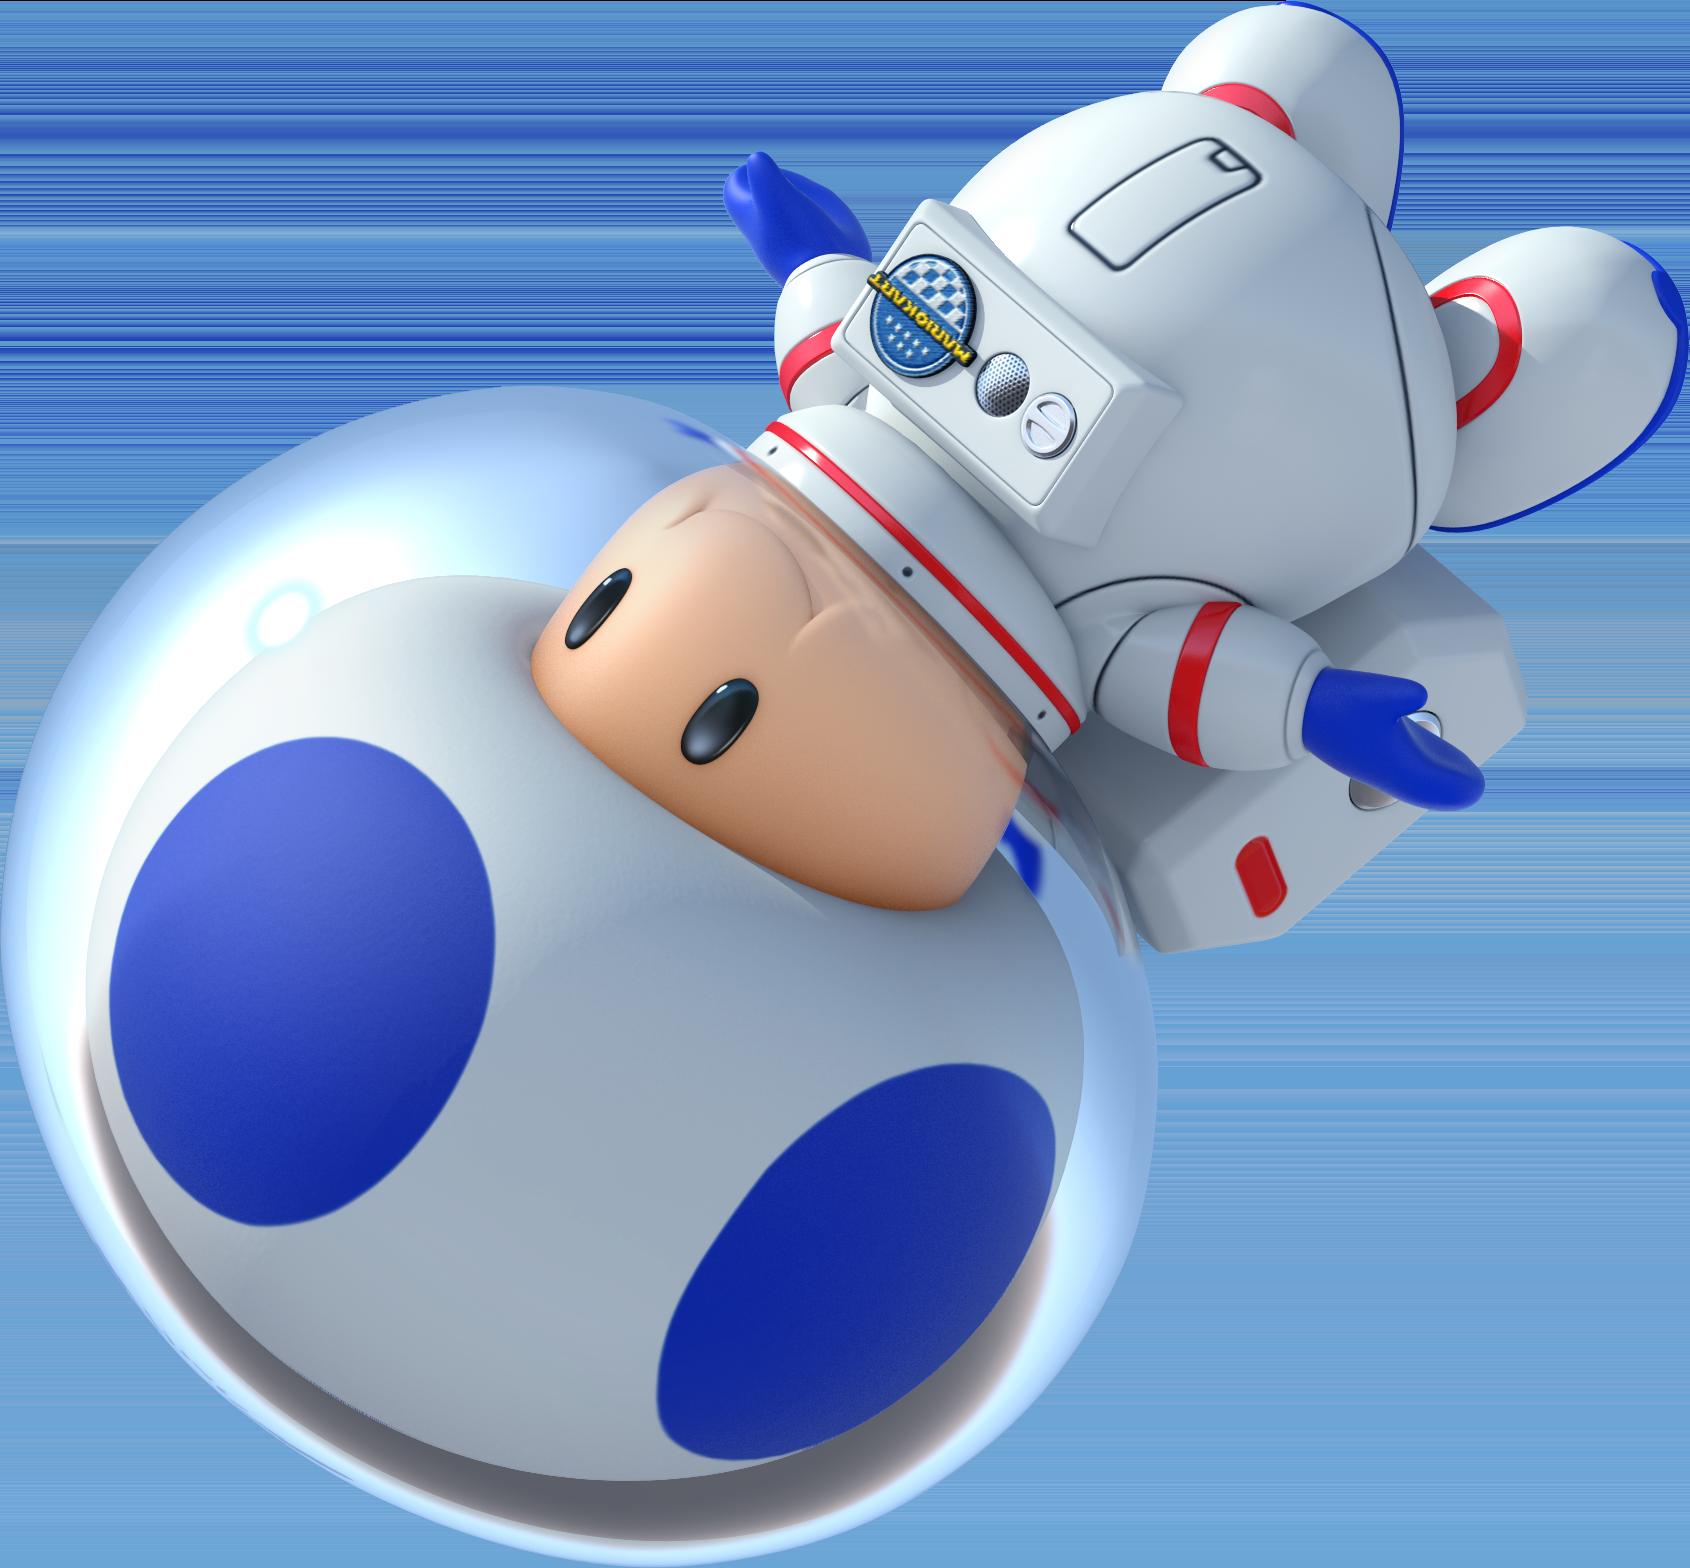 All About Mario Kart Wii Super Wiki The Encyclopedia Luigi Circuit